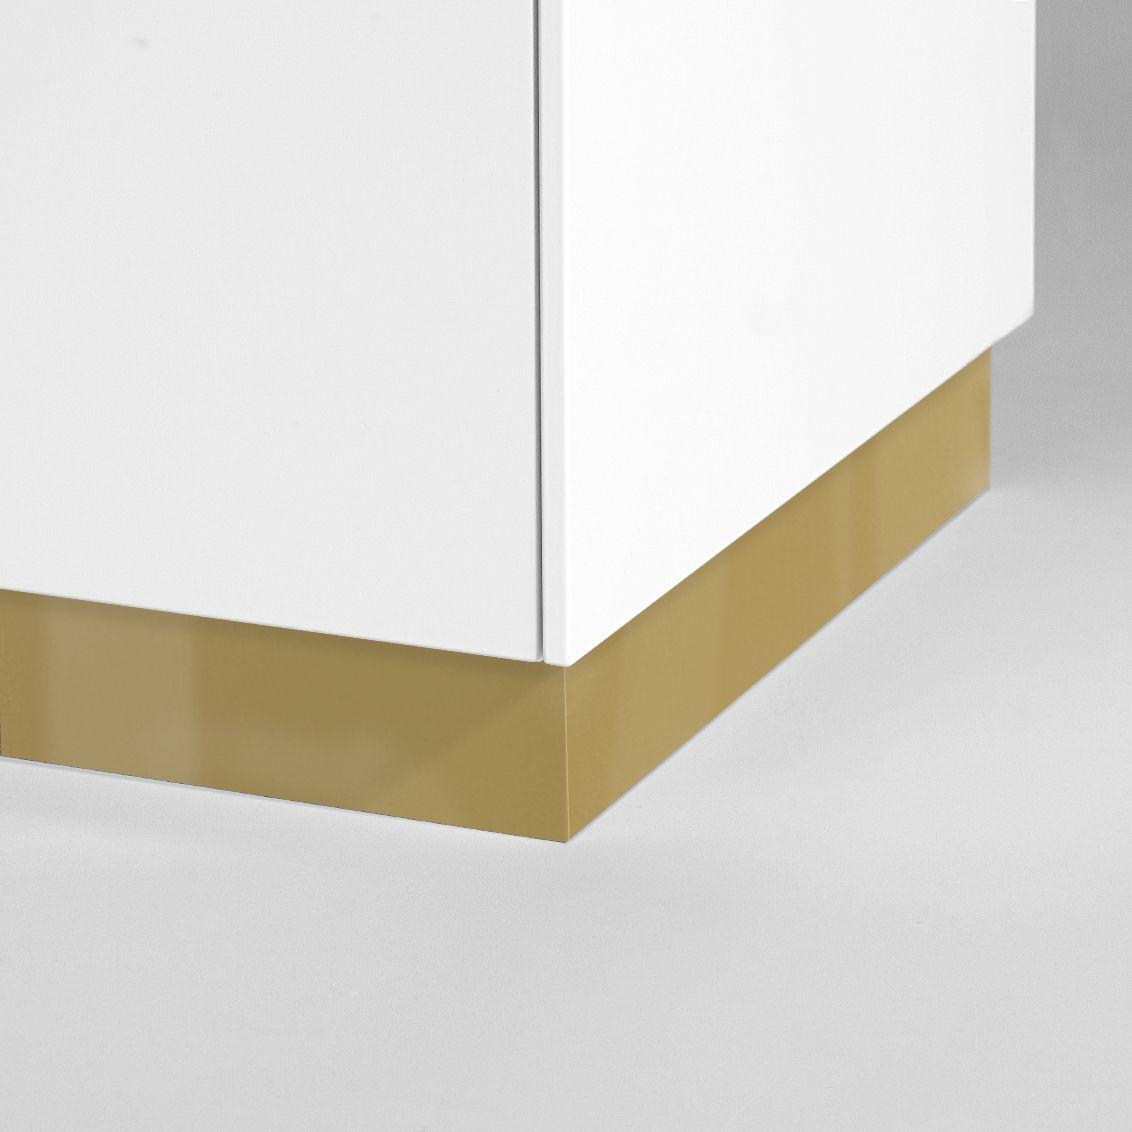 plinthe cuisine 16 cm trendy plinthes pour meubles cuisine plinthe reno plinthe aluminium. Black Bedroom Furniture Sets. Home Design Ideas